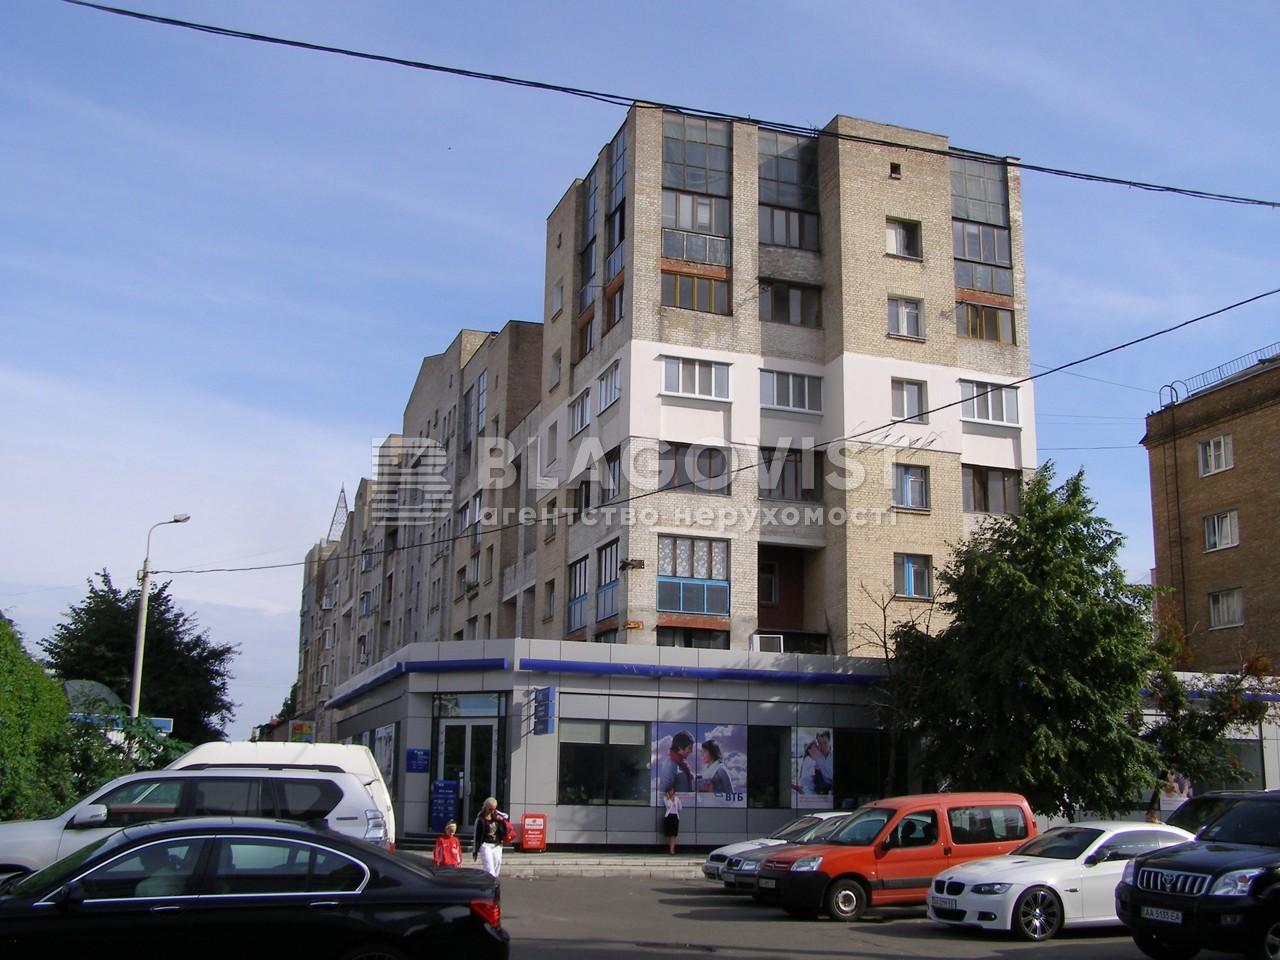 Квартира E-35708, Межигорская, 63, Киев - Фото 1